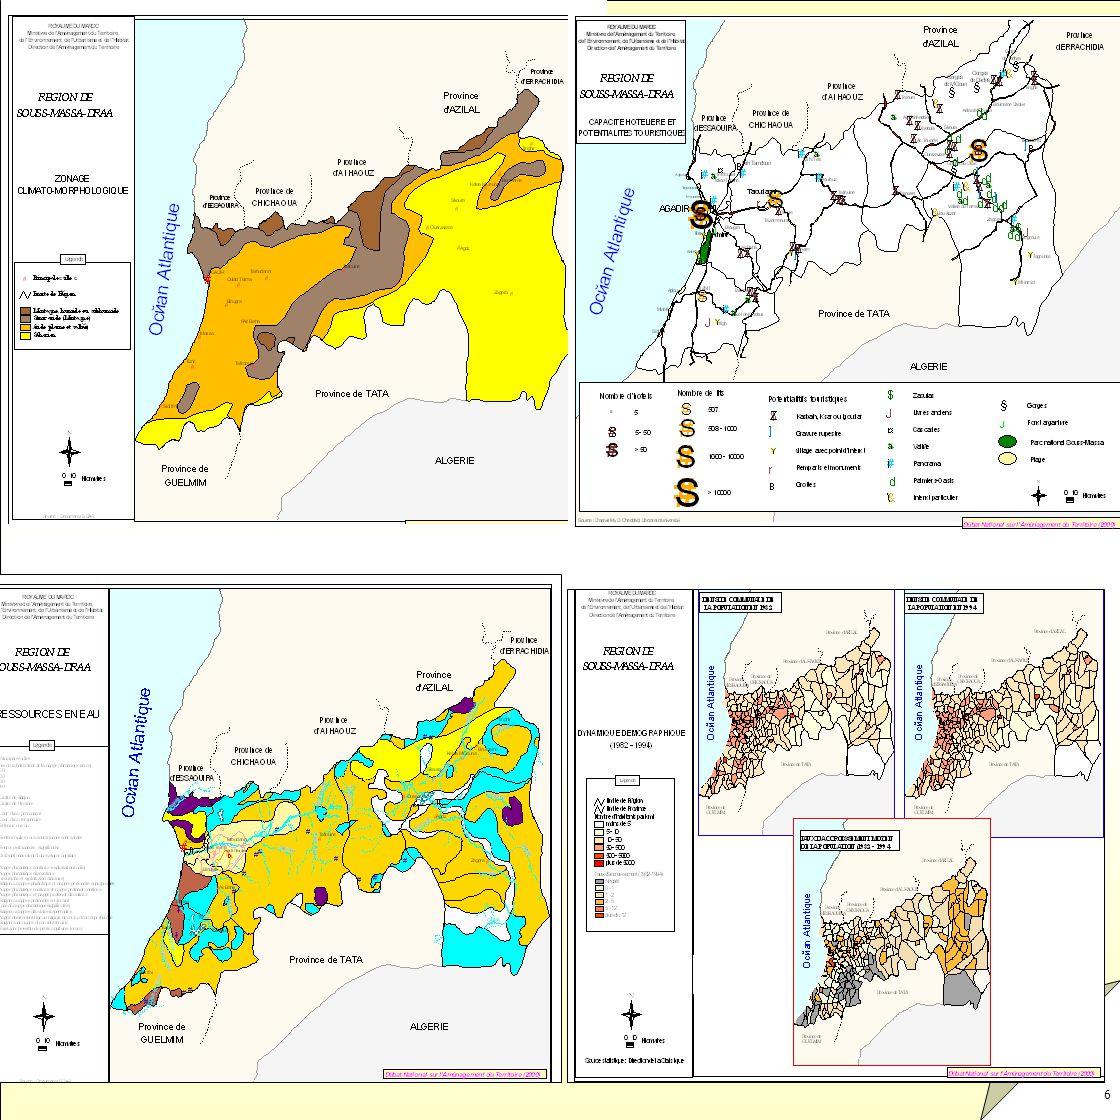 27 Large public Demande de données cartographiques et alphanumériques à partir du système dinformation géographiques (SIG) ; Demande de stages et de formation; Moteur de recherche avec plusieurs clés dentrée.